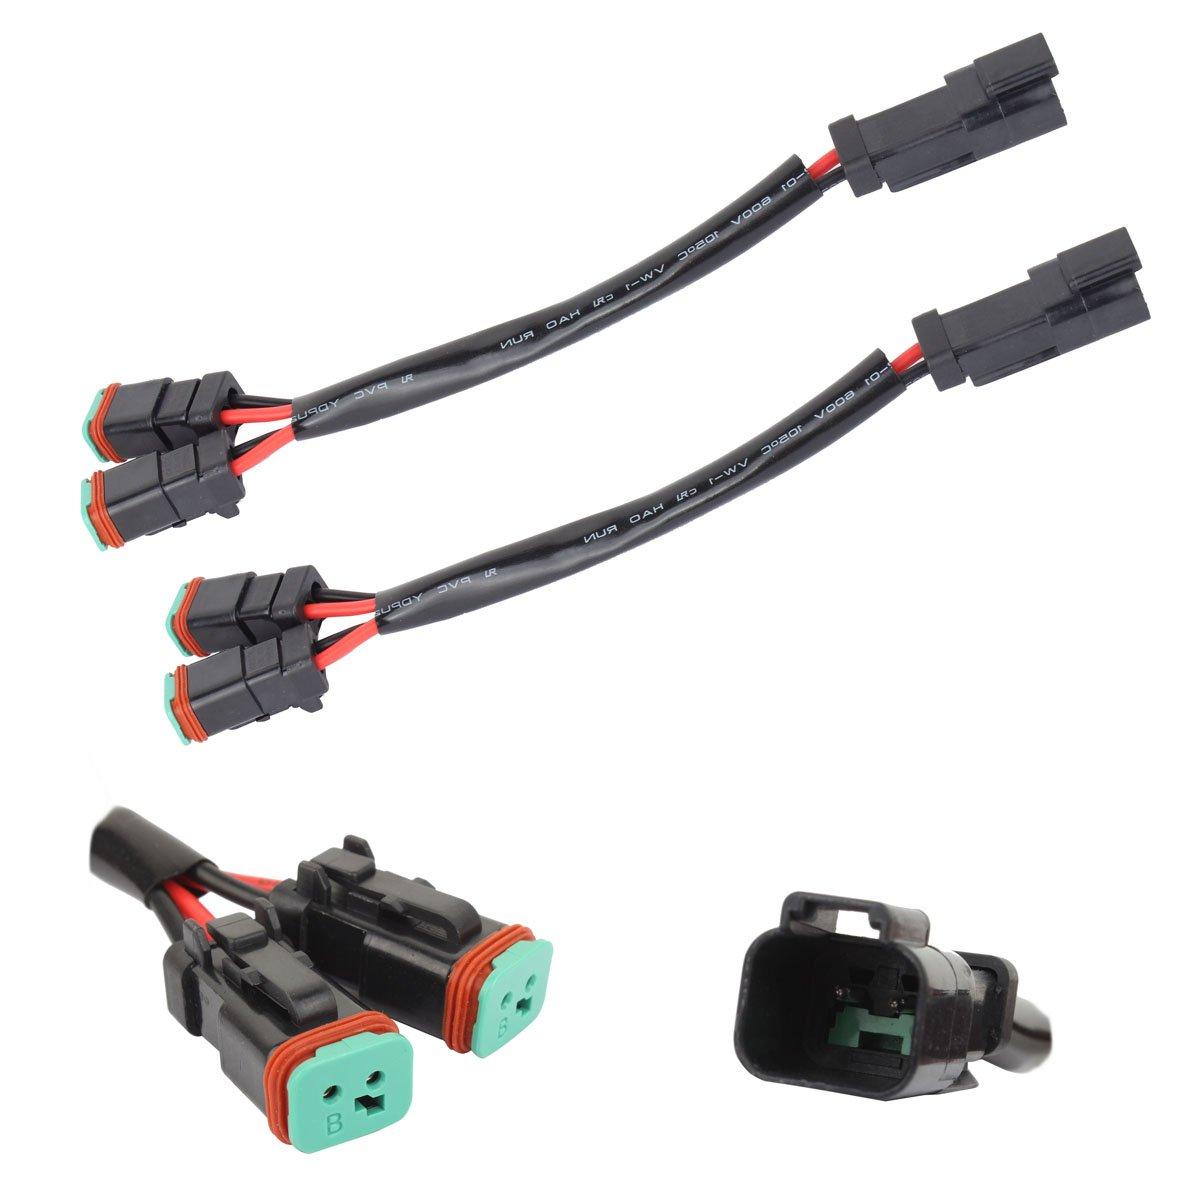 TOMALL 2 conducteurs Deutsch DT DTP 2 broches Adaptateur de prise pour la lumiè re de travail de LED Connecteurs de rattrapage